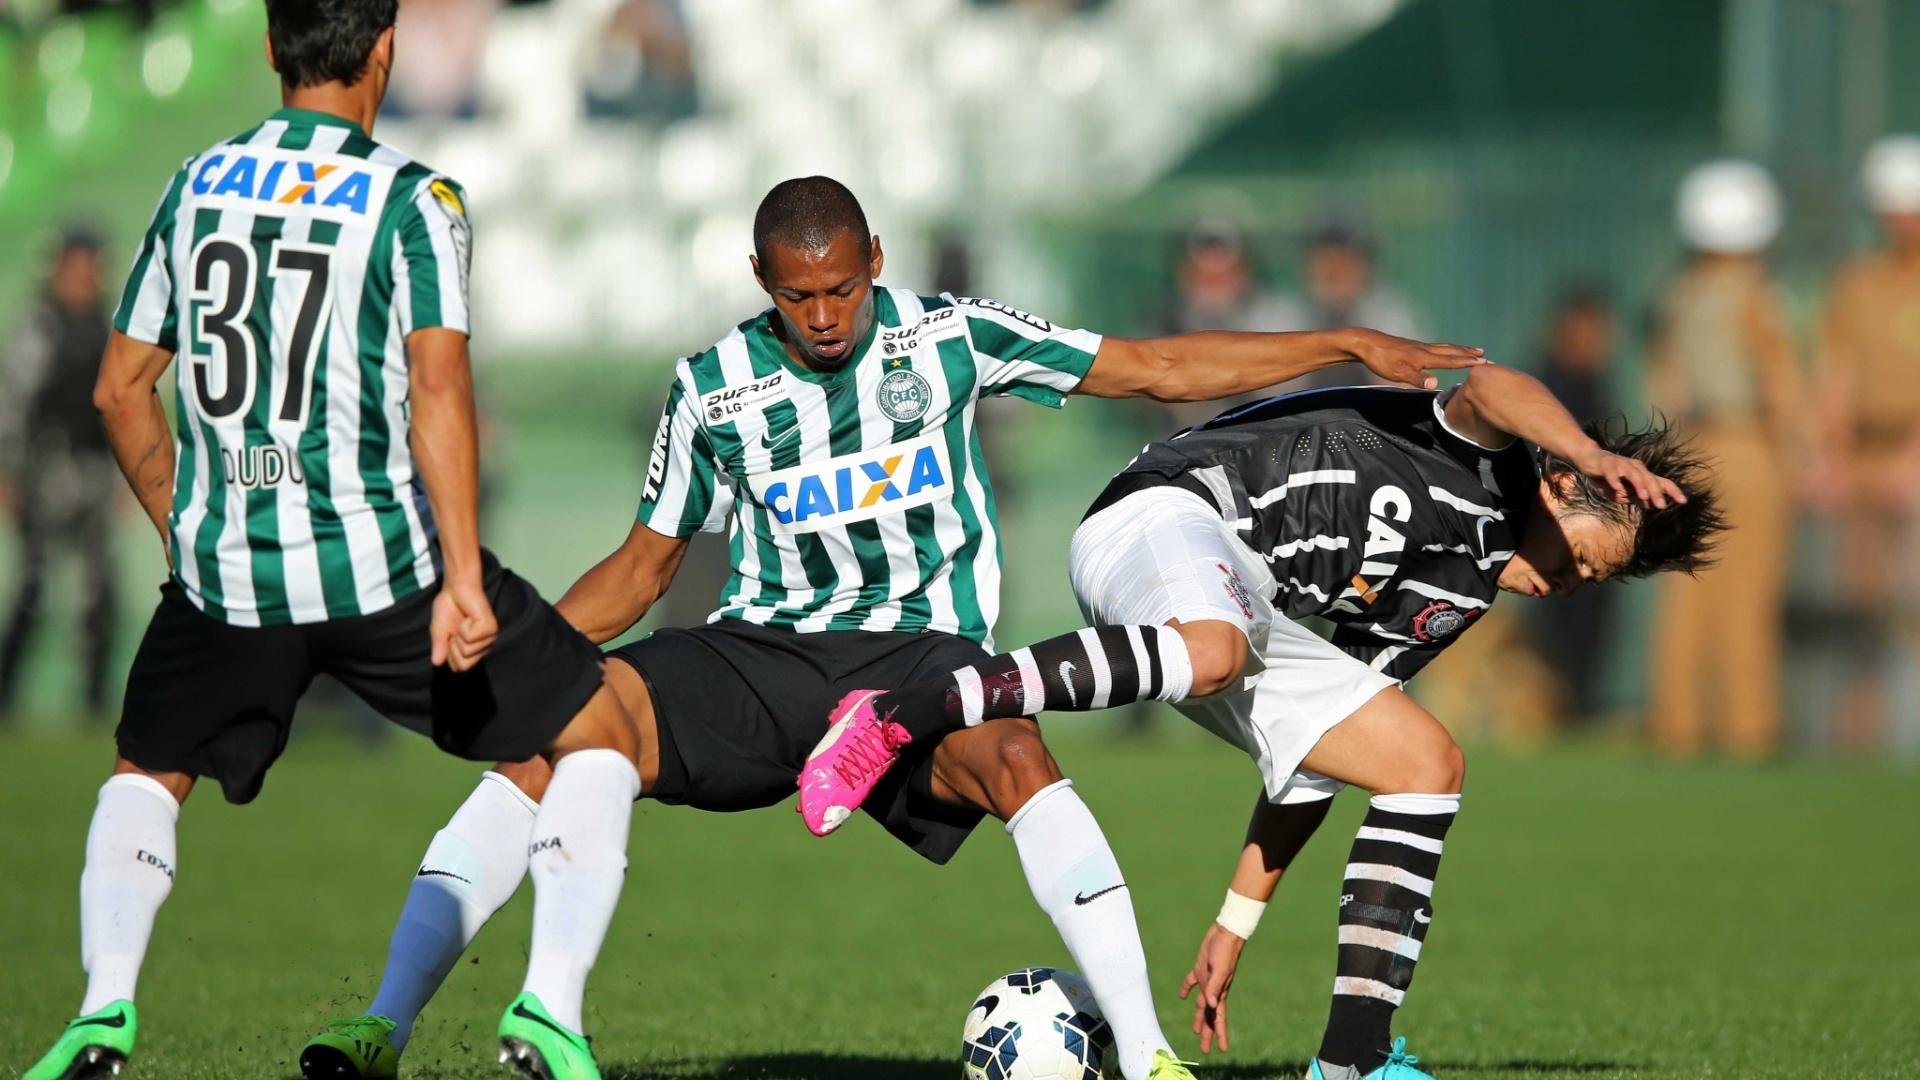 Romero tenta se livrar da marcação do Coritiba no jogo do Corinthians